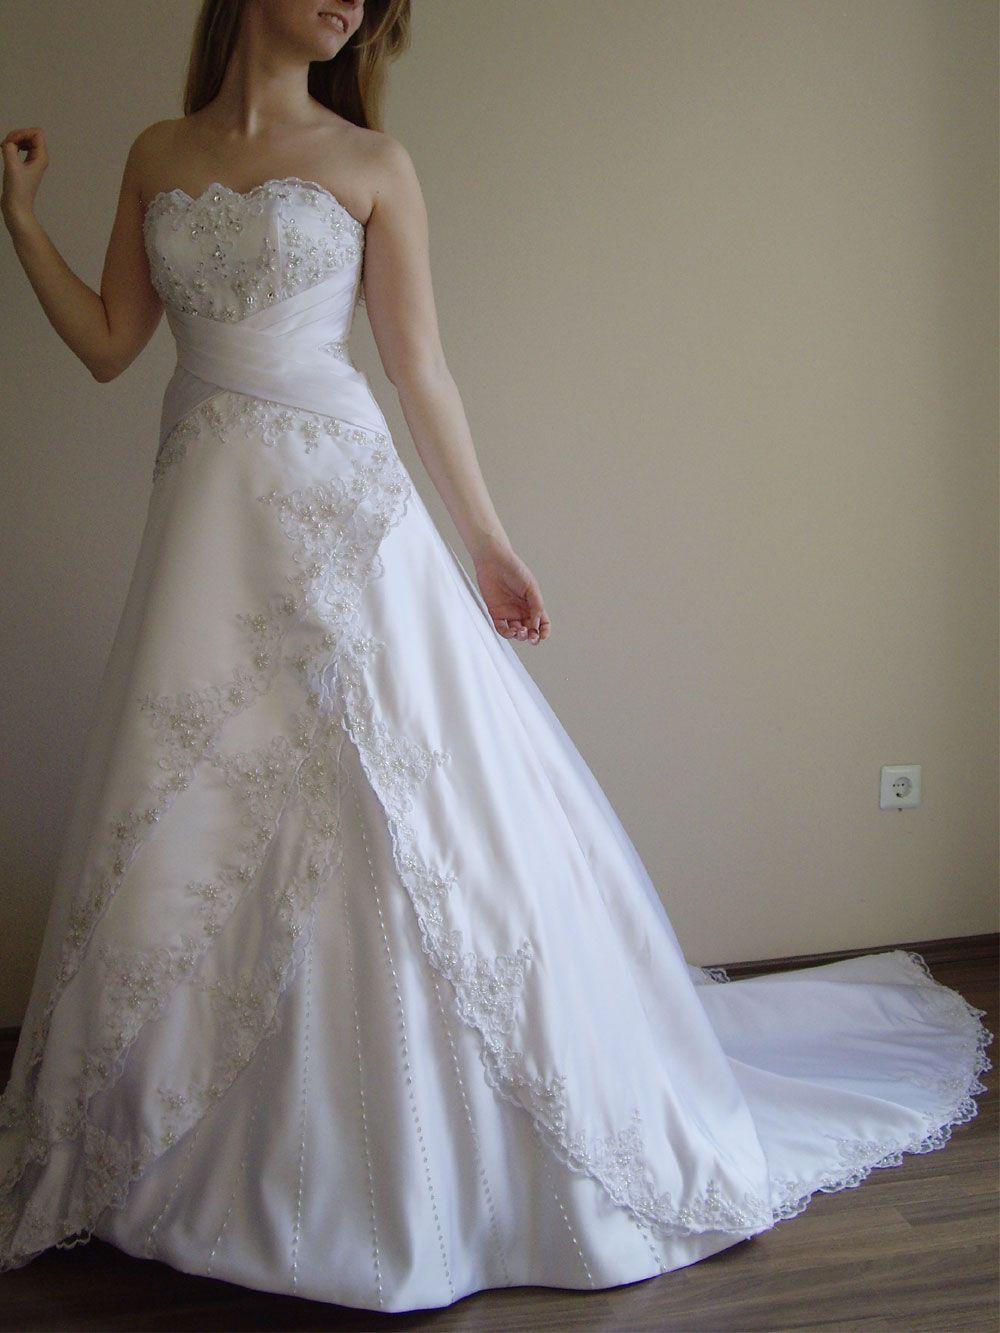 Glitzer Brautkleid Spitze  Kleid hochzeit, Brautkleid, Braut